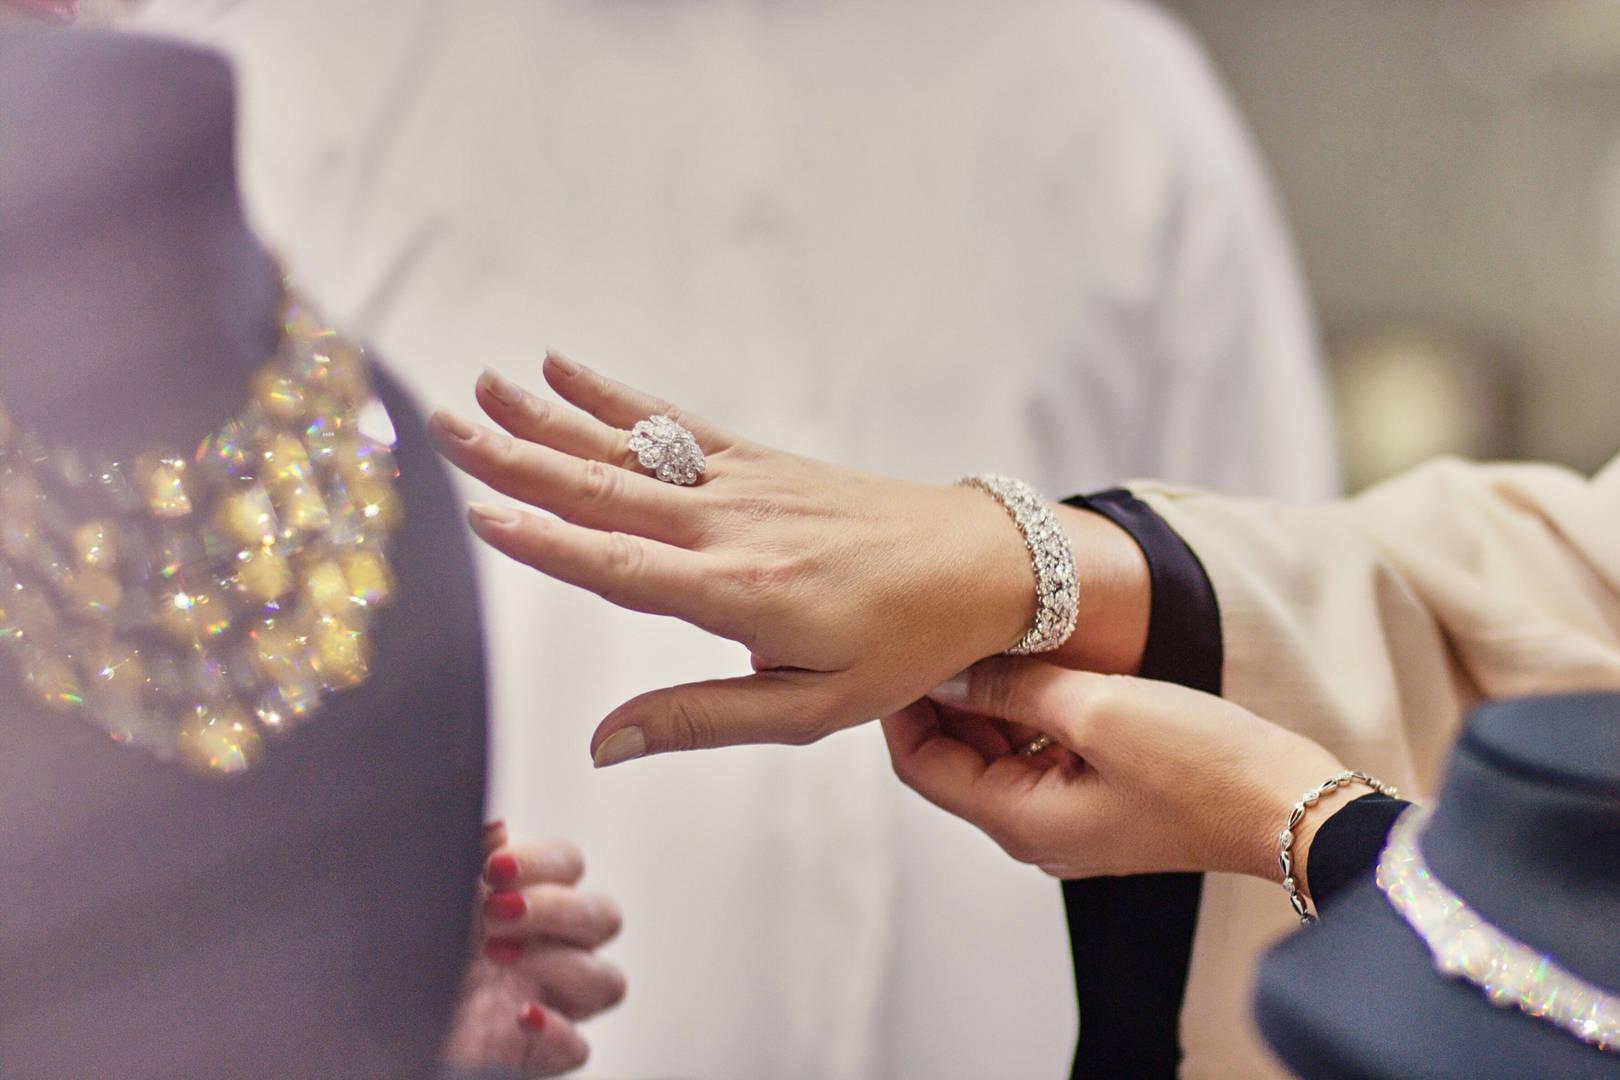 محلات بيع المجوهرات في دبي